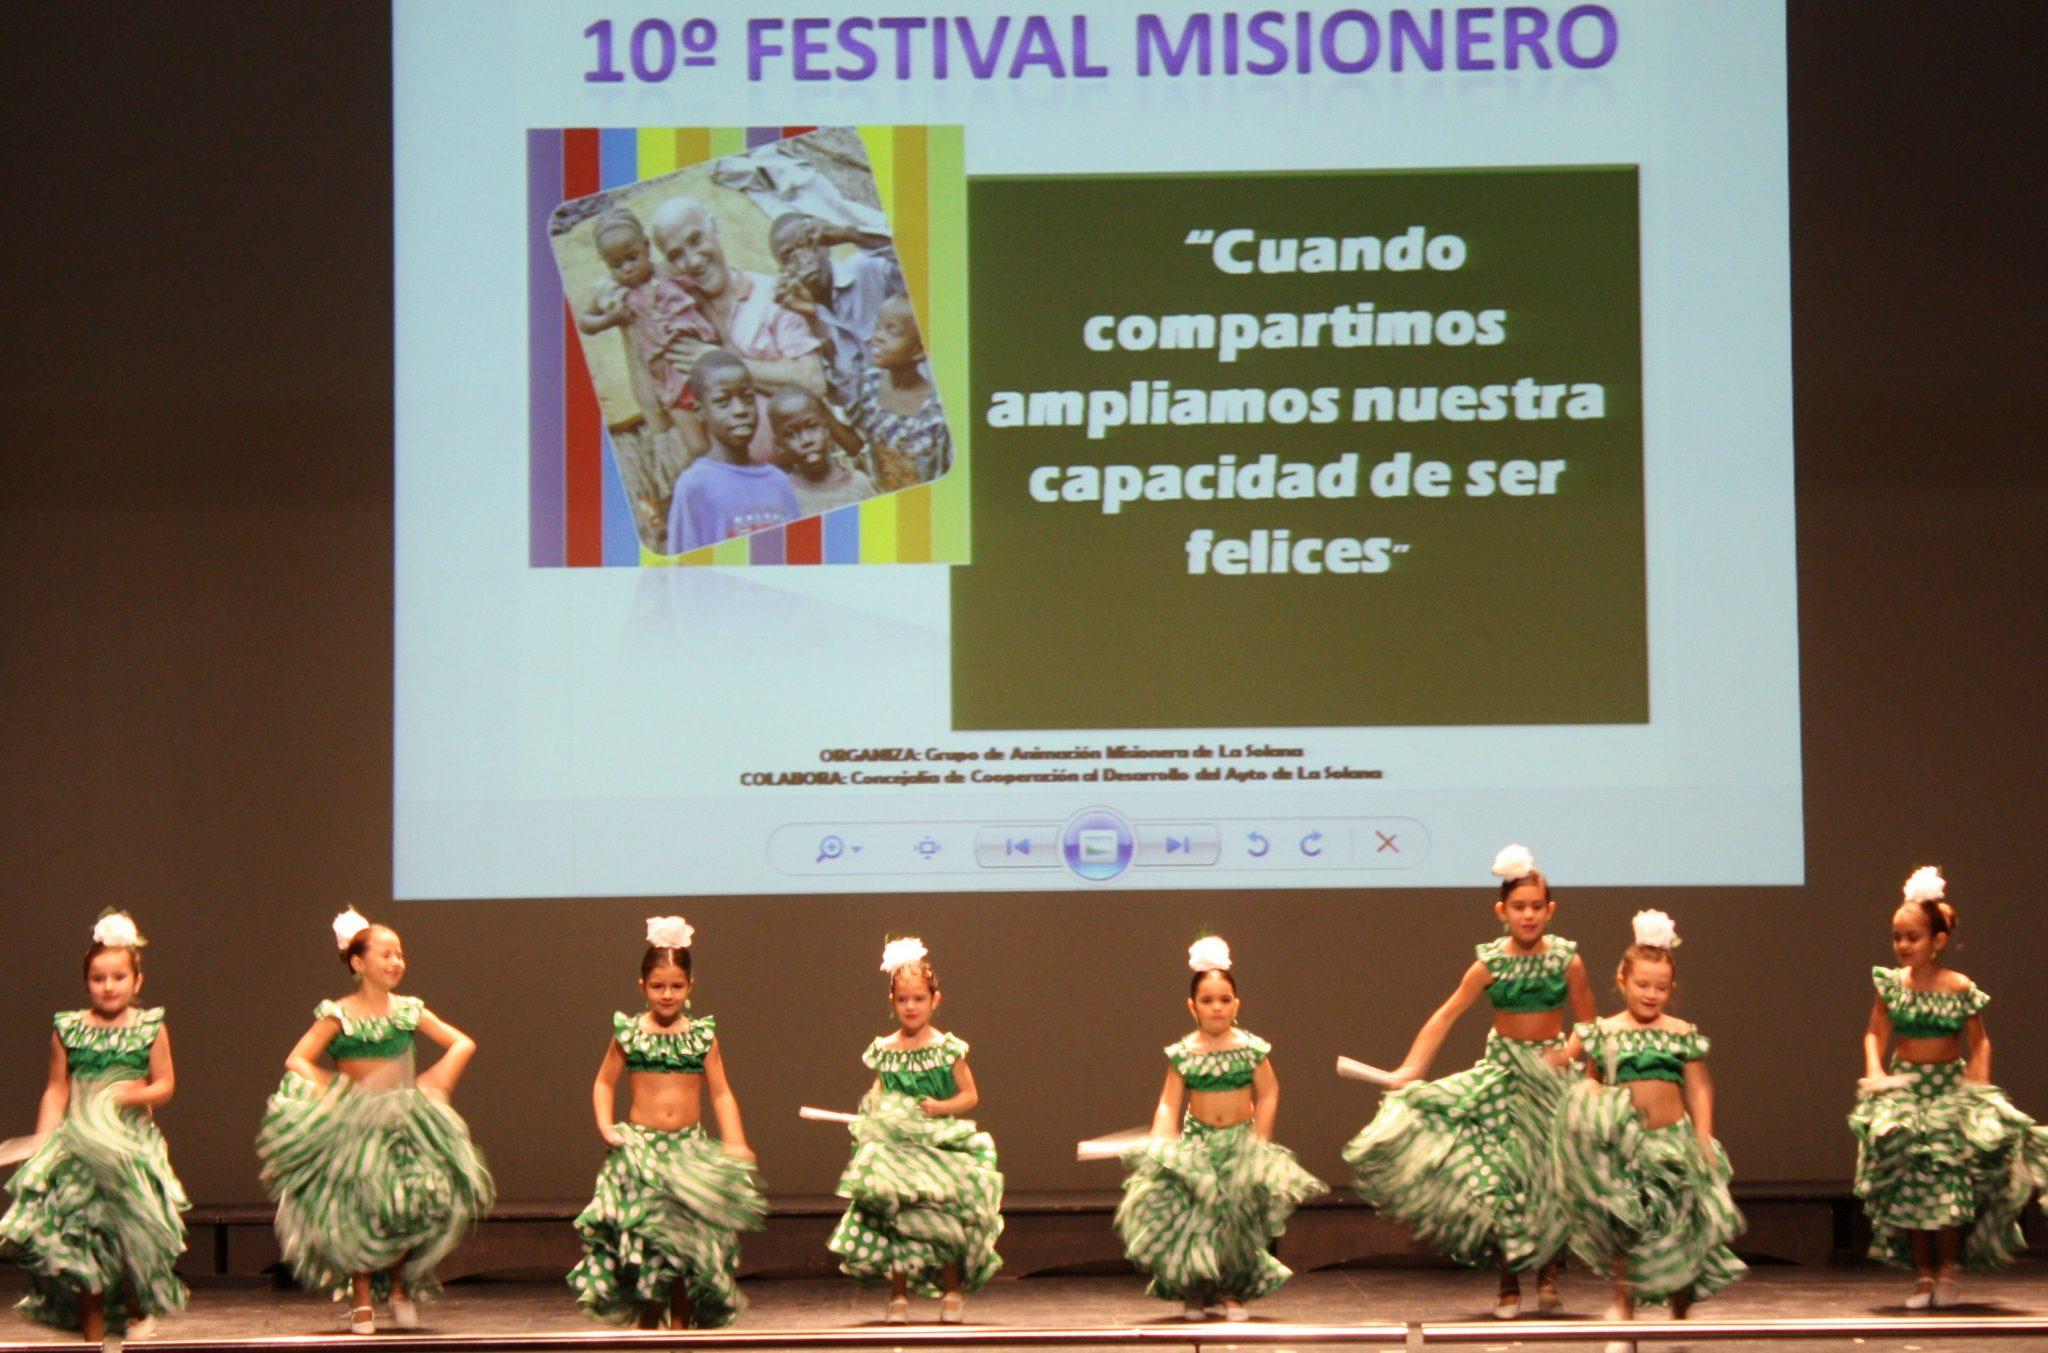 X Festival Misionero La Solana